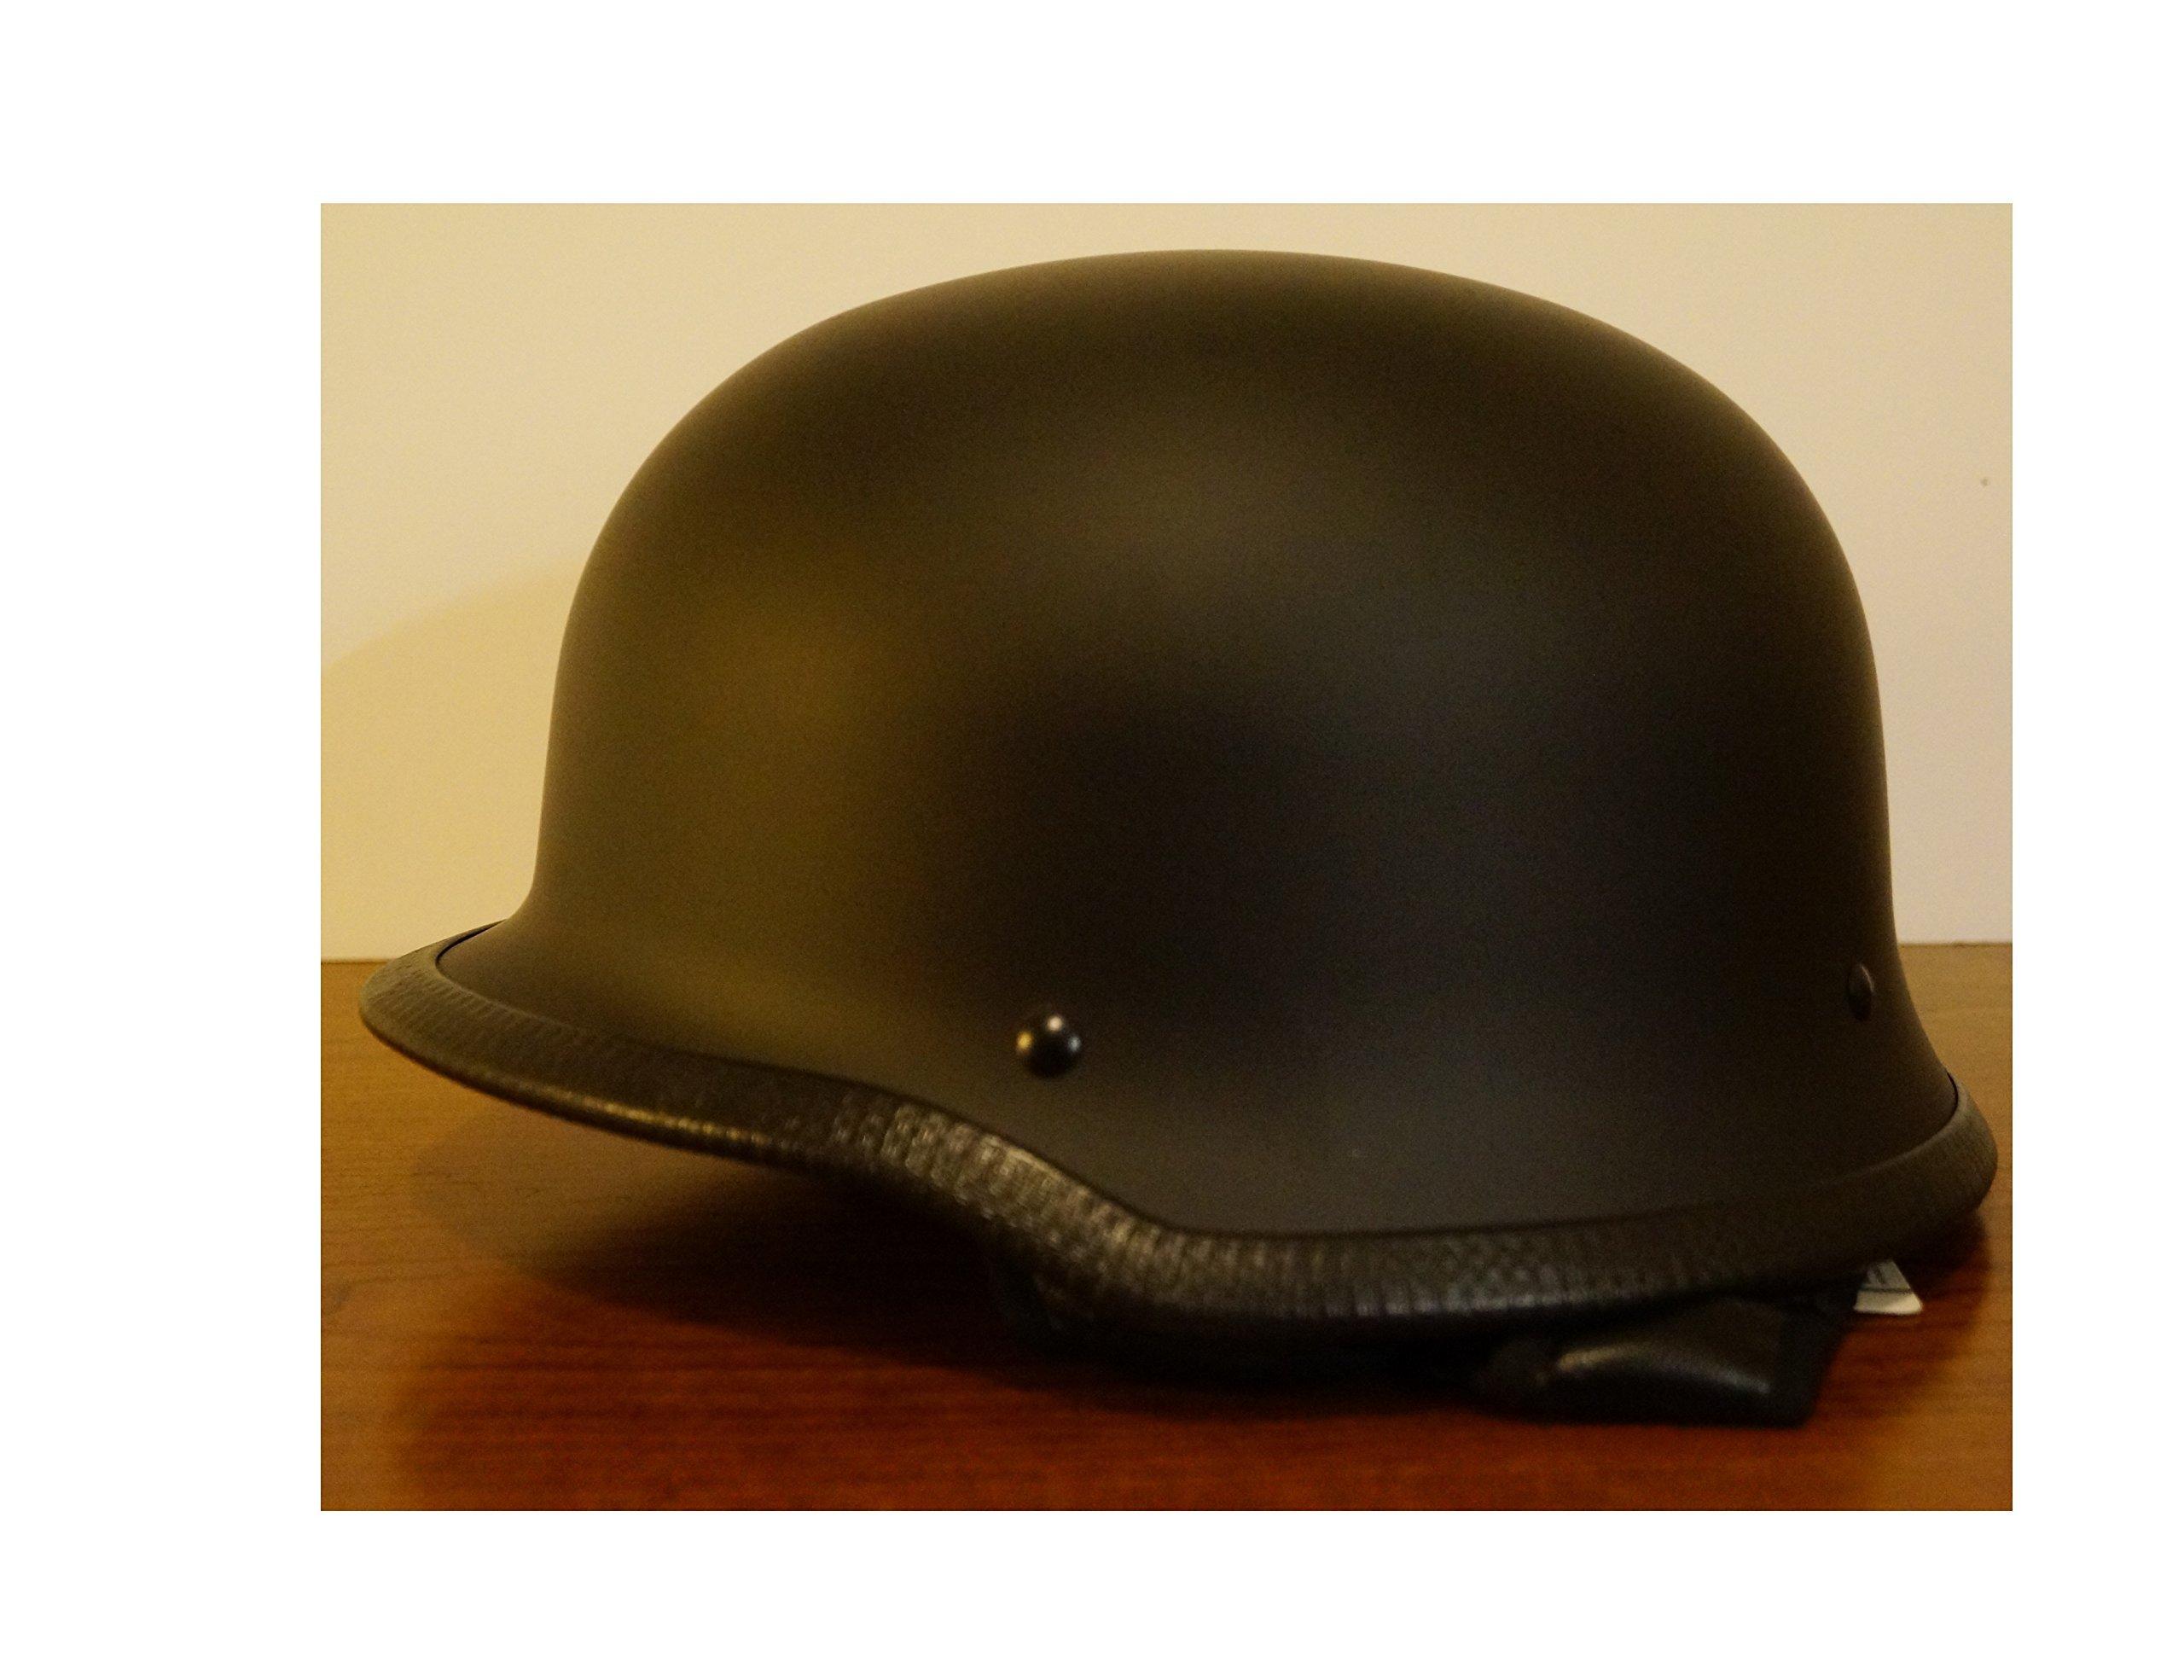 dde92aa29e5 Get Quotations · Motorcycle Dot Matte Black German Half Face Helmet Chopper  Cruiser Biker L